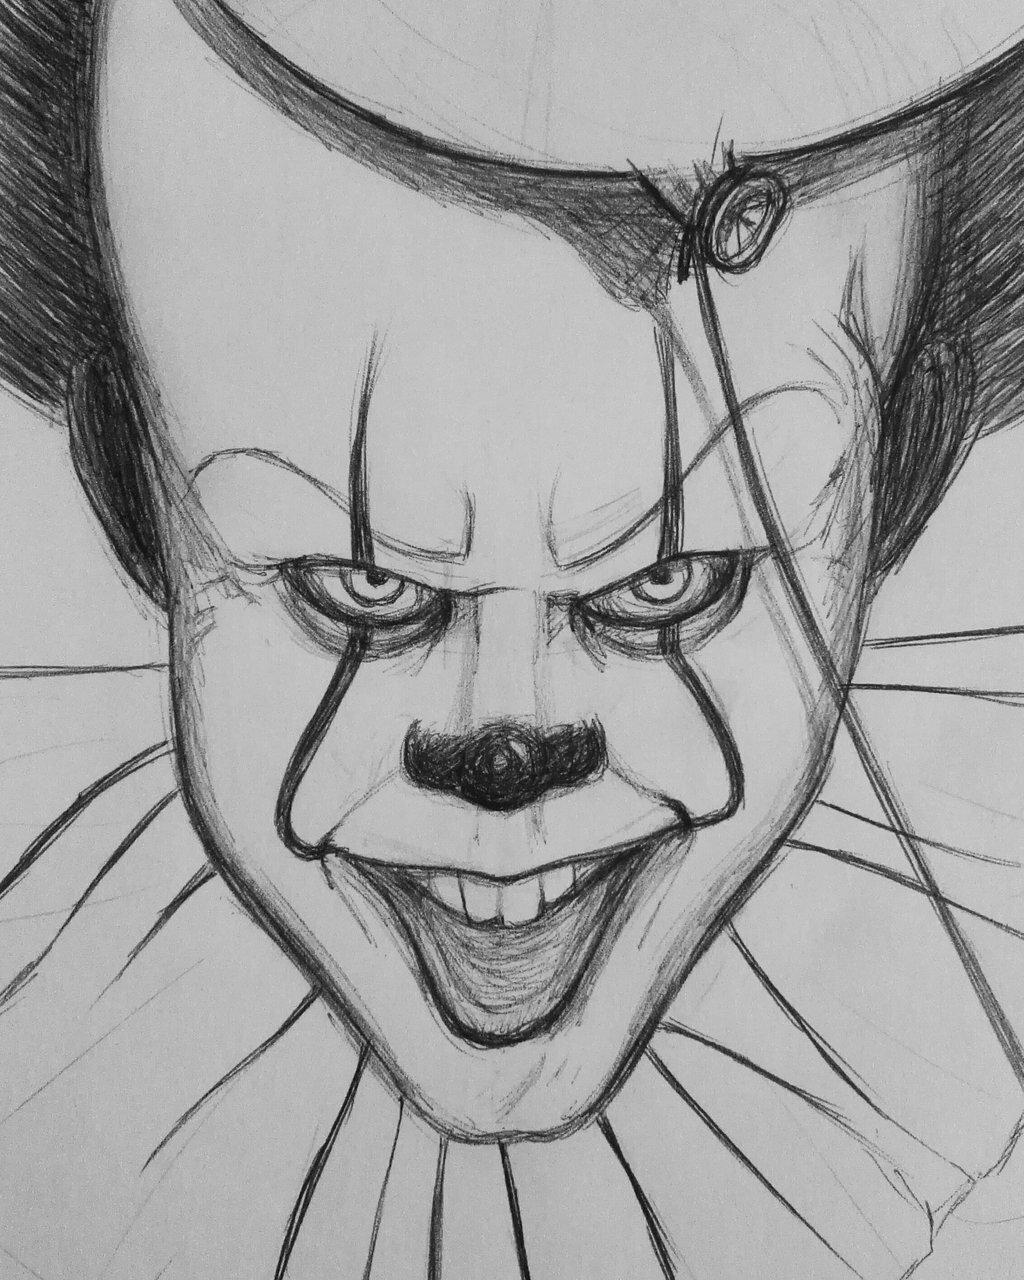 Страшные картинки карандашом легко